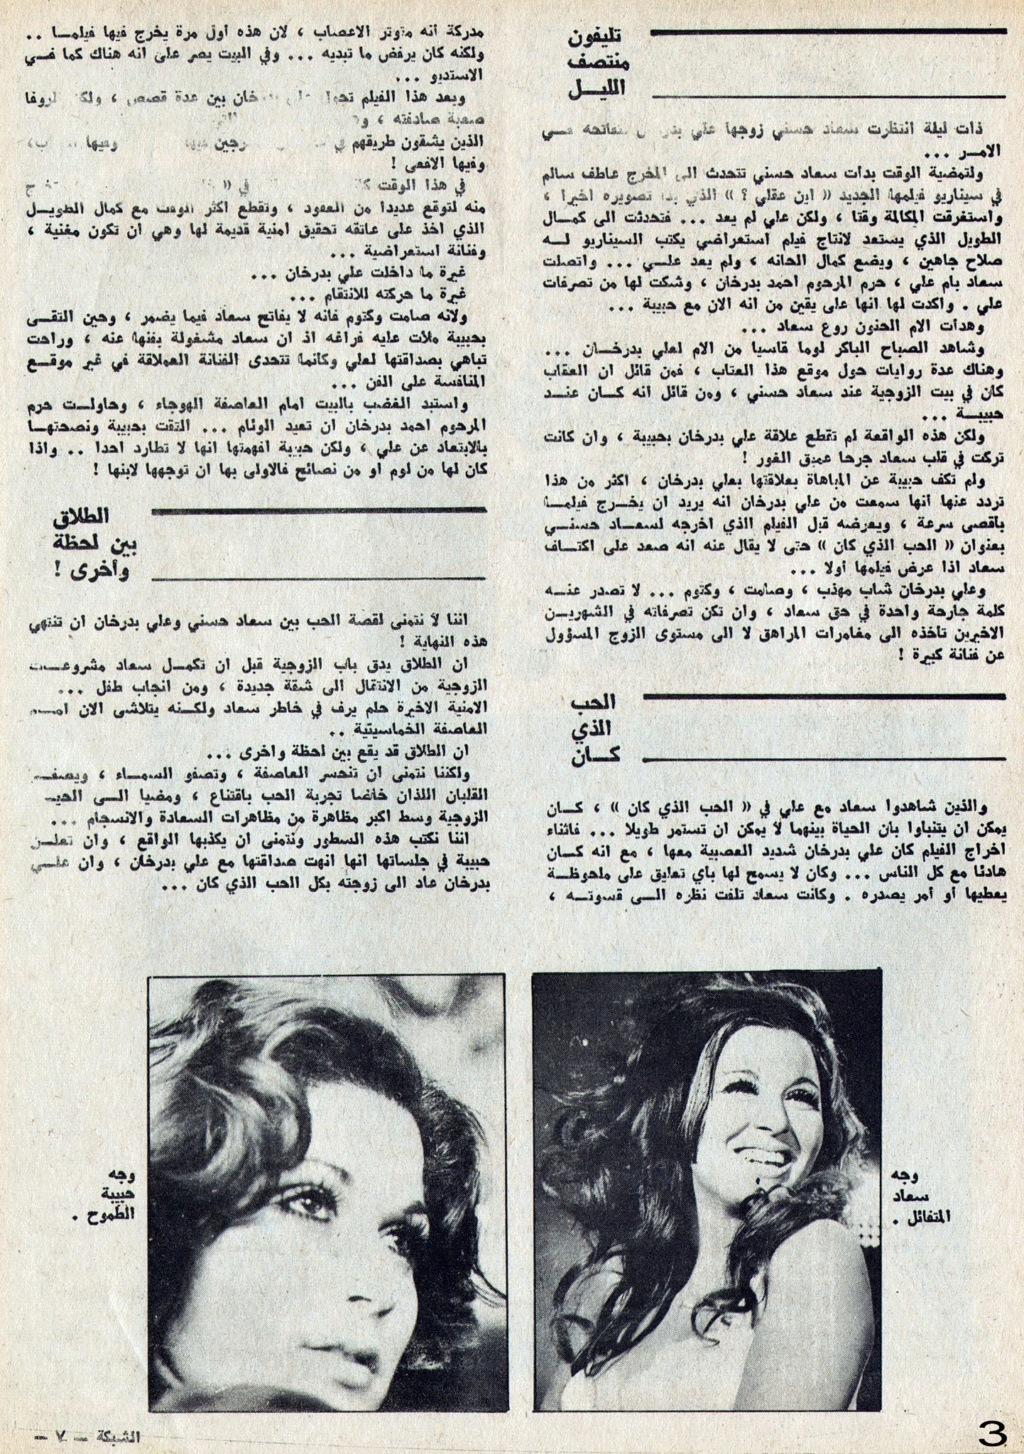 مقال - مقال صحفي : حبيبة , المرأة المجهولة في ليالي علي بدرخان 1973 م 3117